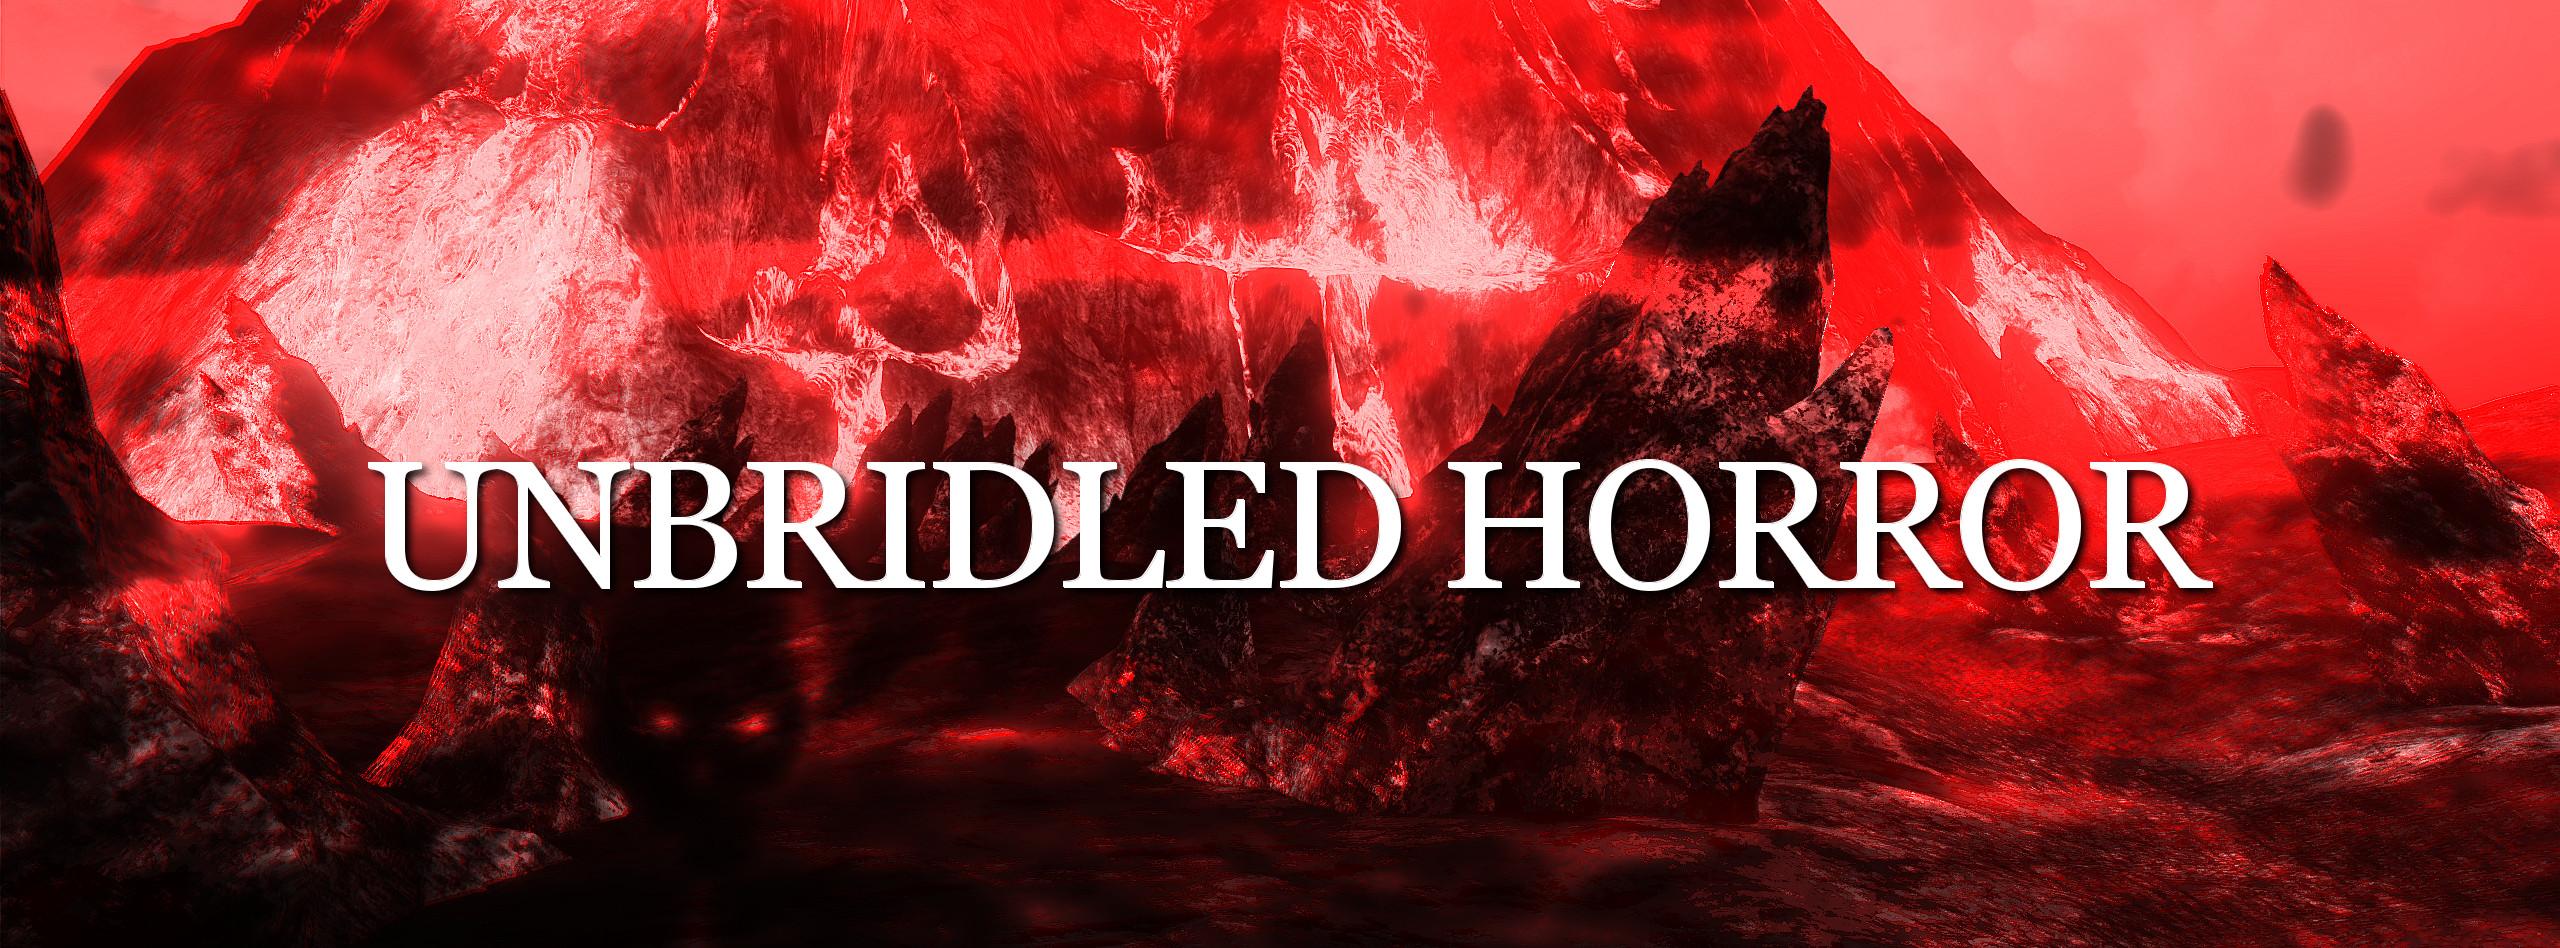 Unbridled Horror - Indiegogo Demo